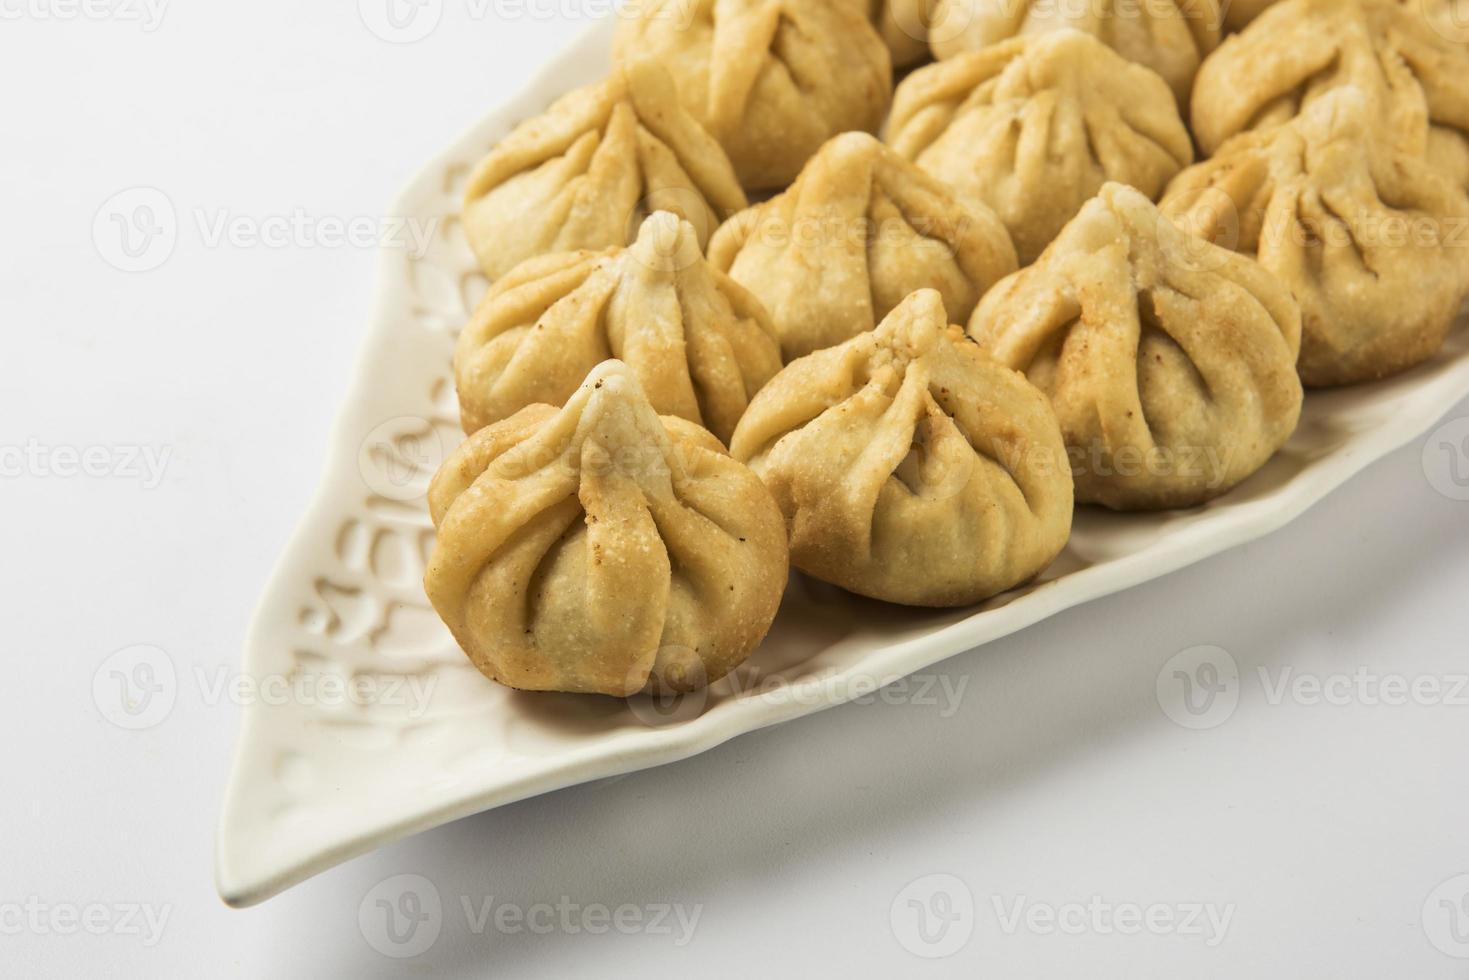 """heilig recept genaamd """"modak"""", indisch zoet foto"""